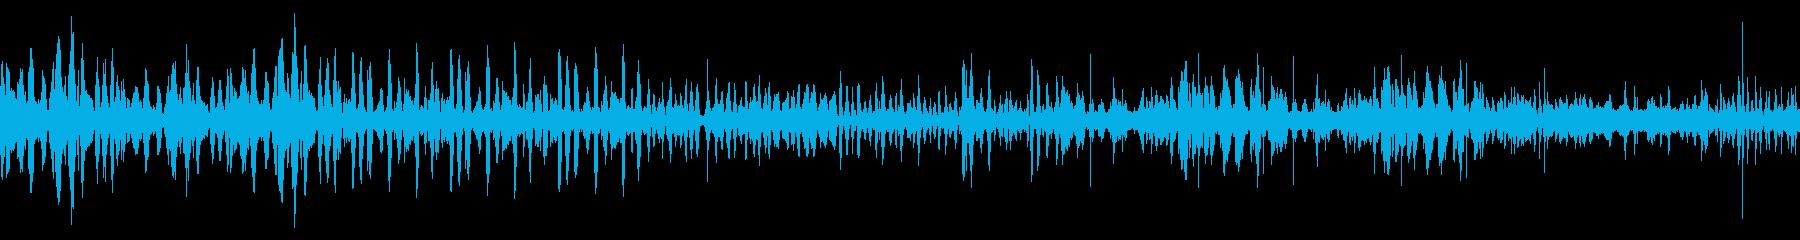 波2 2の再生済みの波形